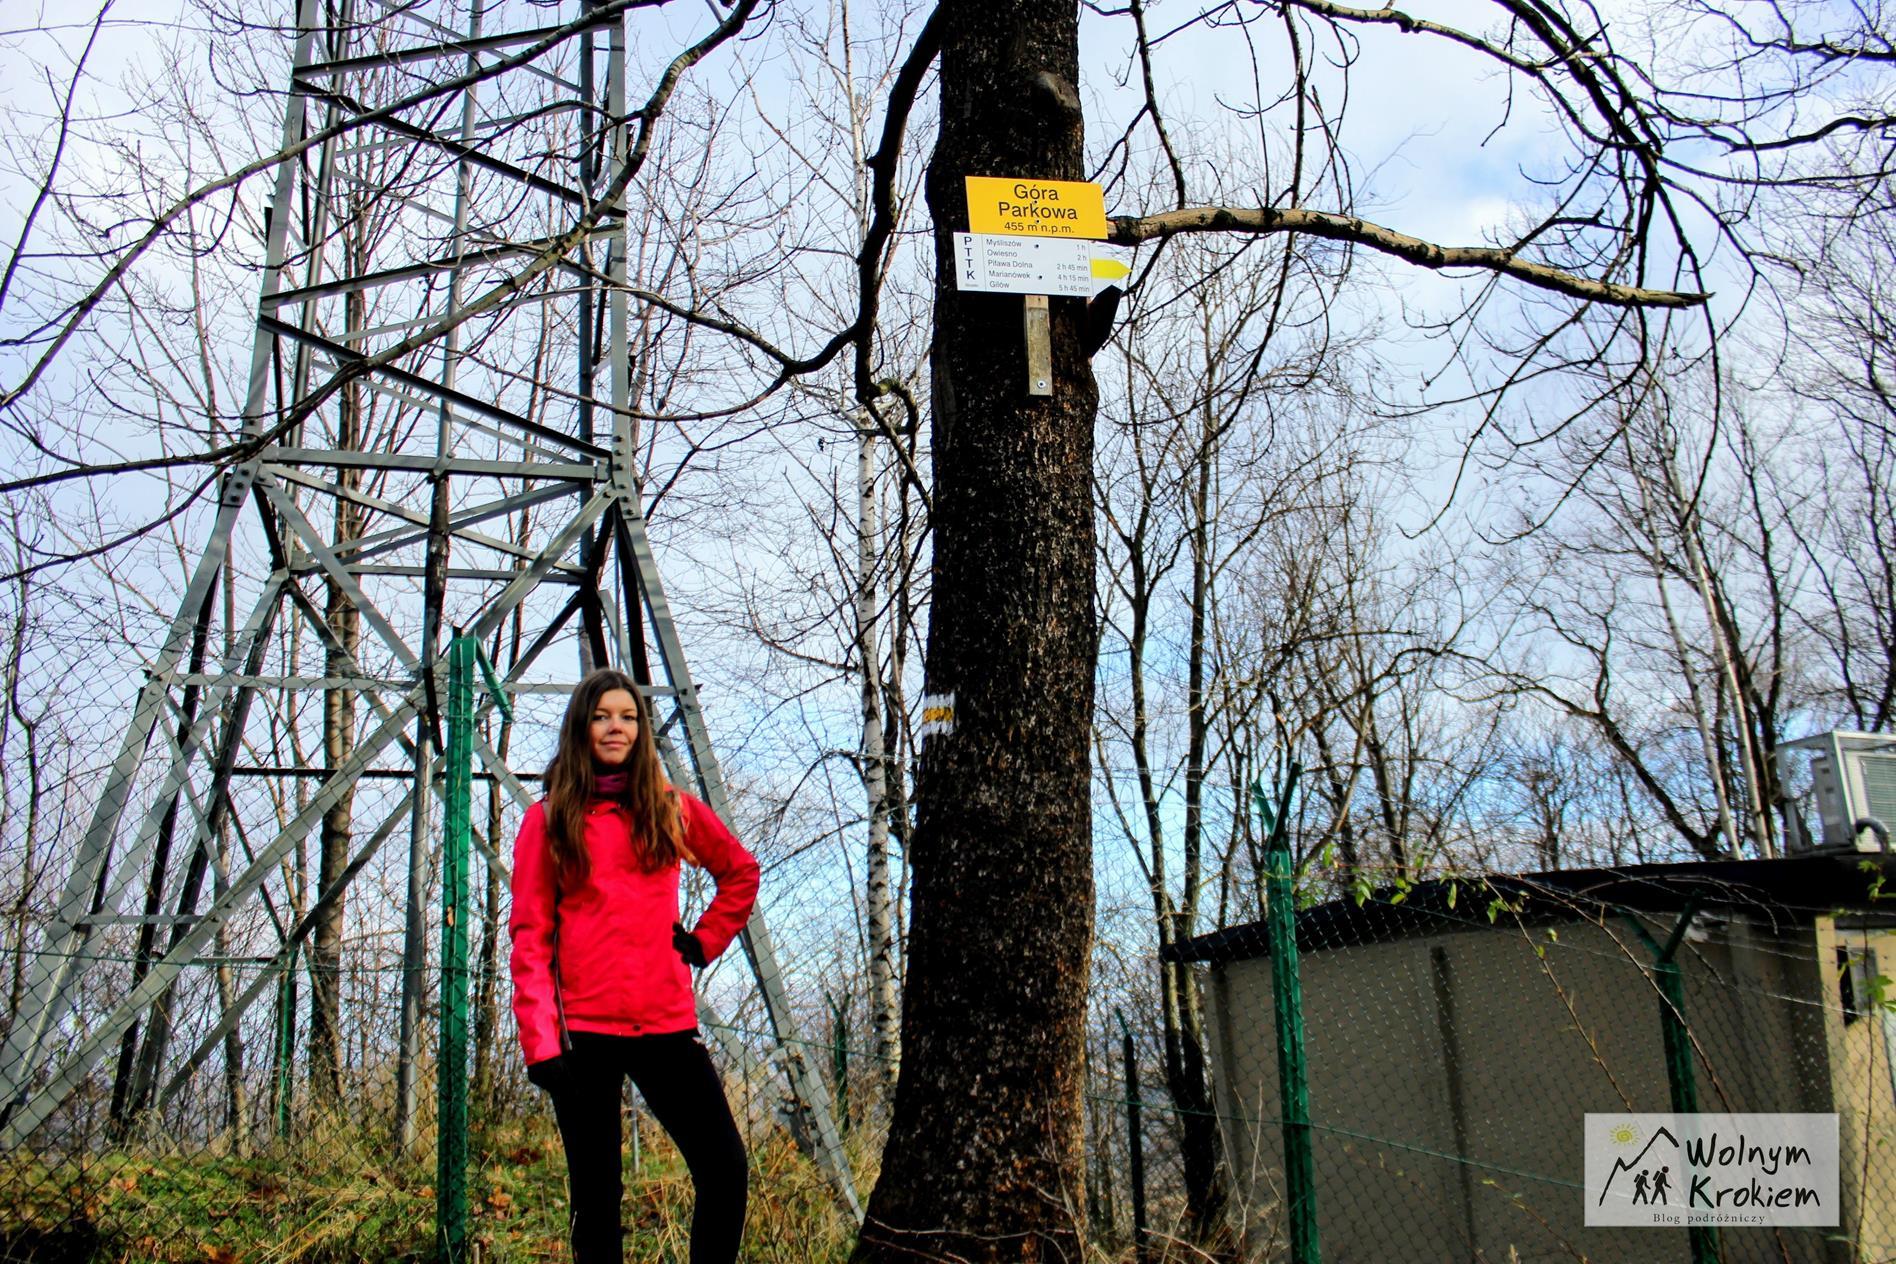 Tabliczka na szczycie Góry Parkowej w Bielawie na Dolnym Śląsku